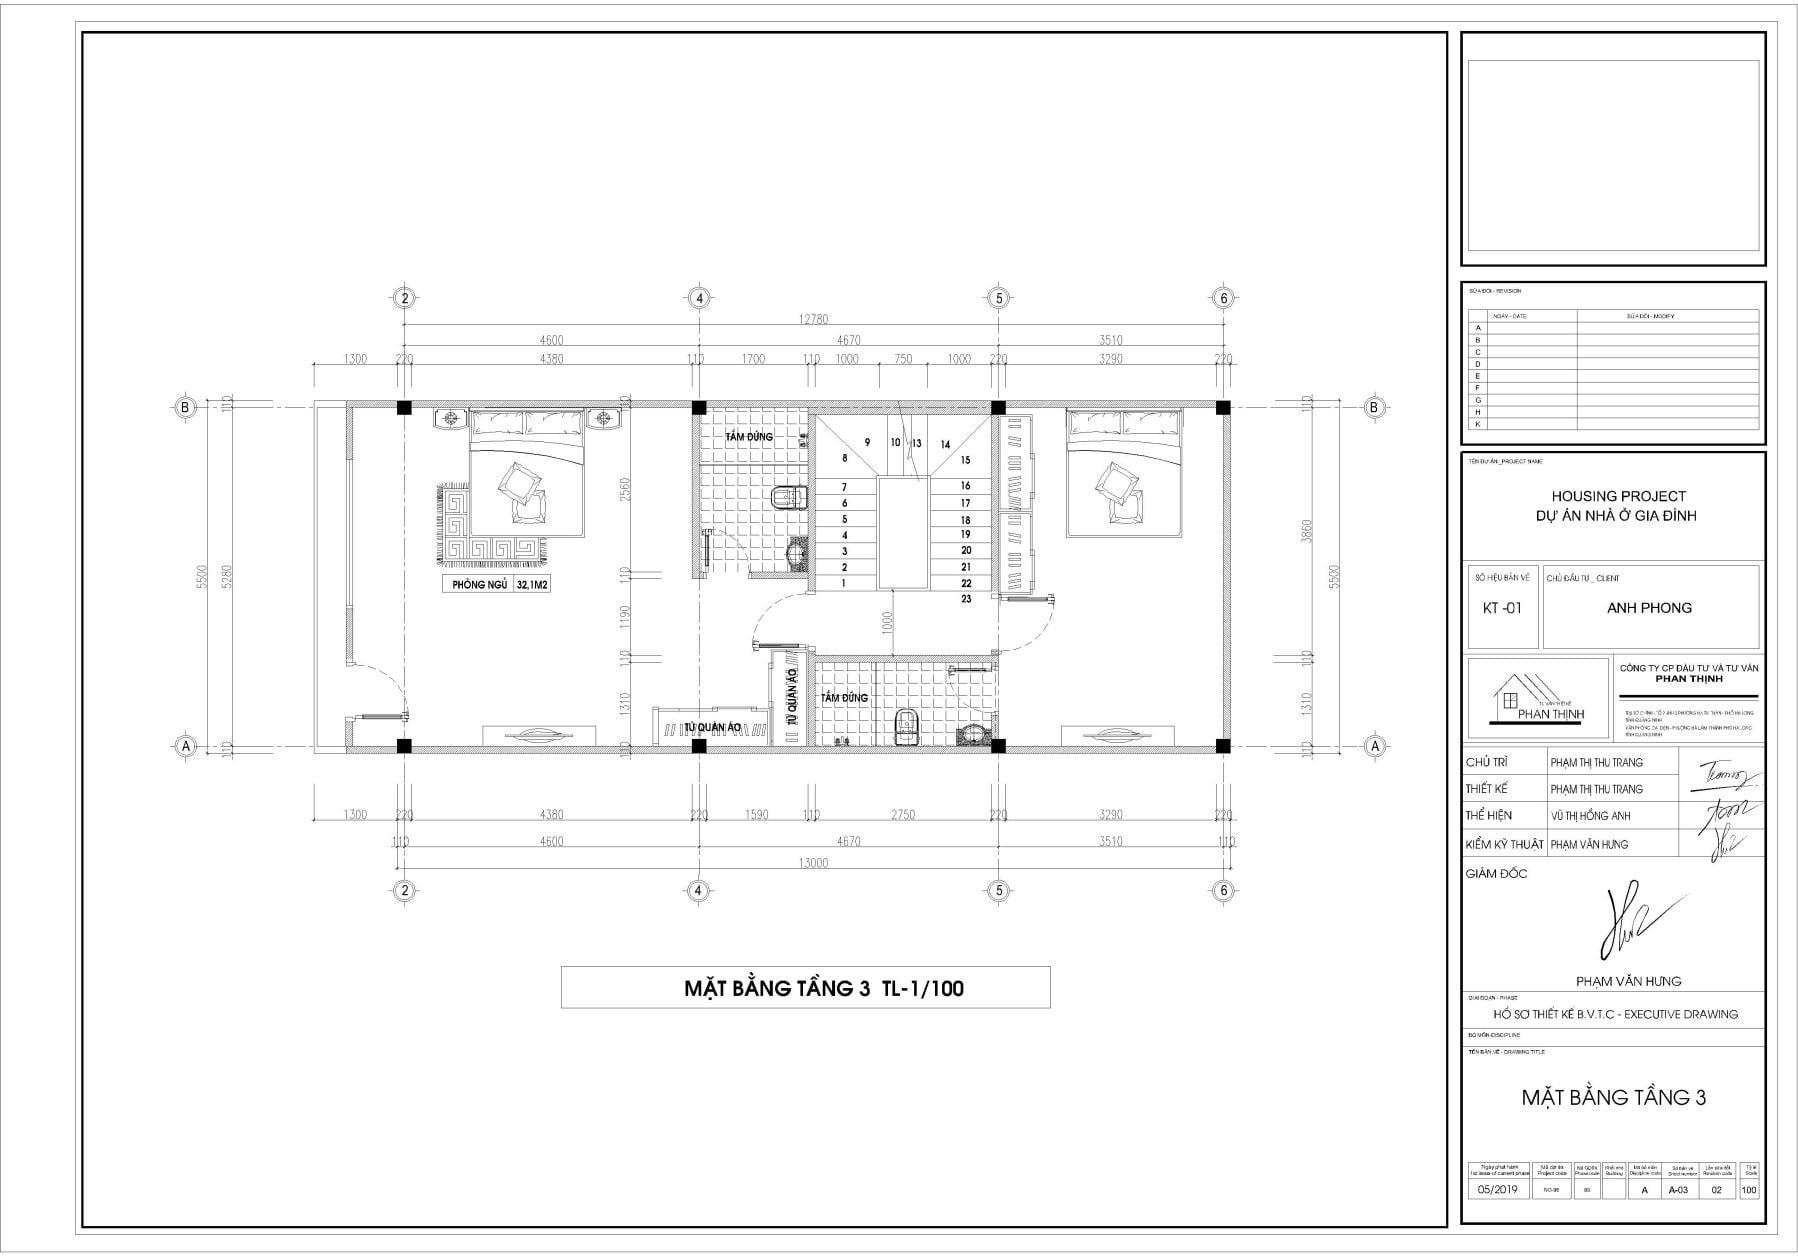 Thiết kế mặt bằng nhà tại tầng 3.